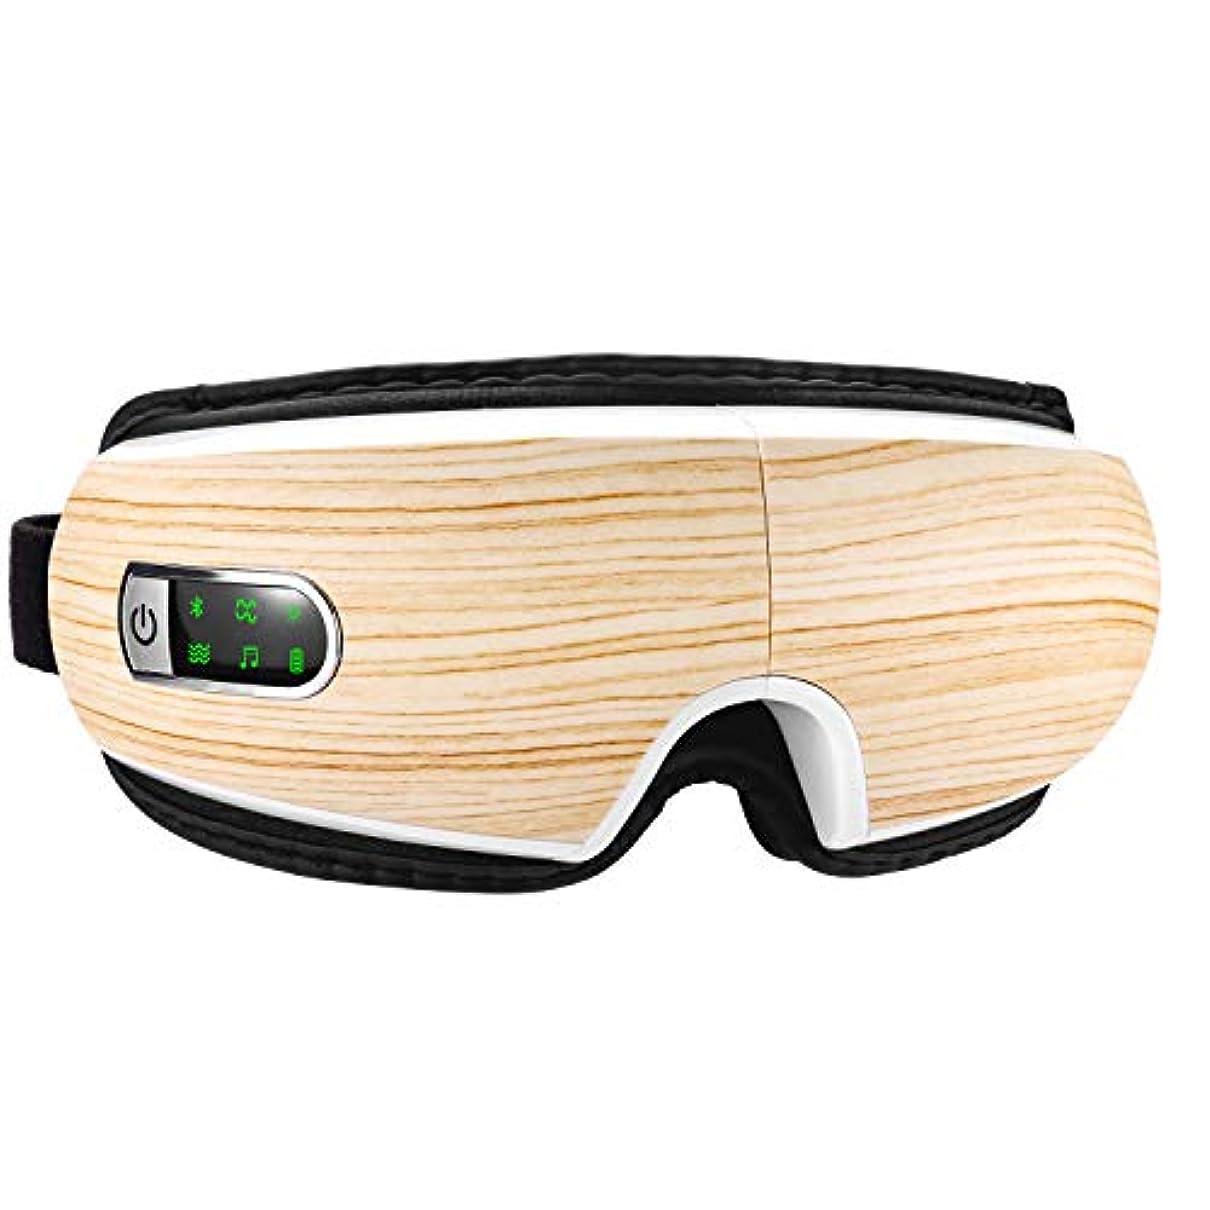 書き出す感謝する円周目マッサージ器 目元エステ 目元美顔器 ホットアイマスク 快眠グッズ 振動機能 音楽機能 USB充電式 タイマー機能 アイマスク